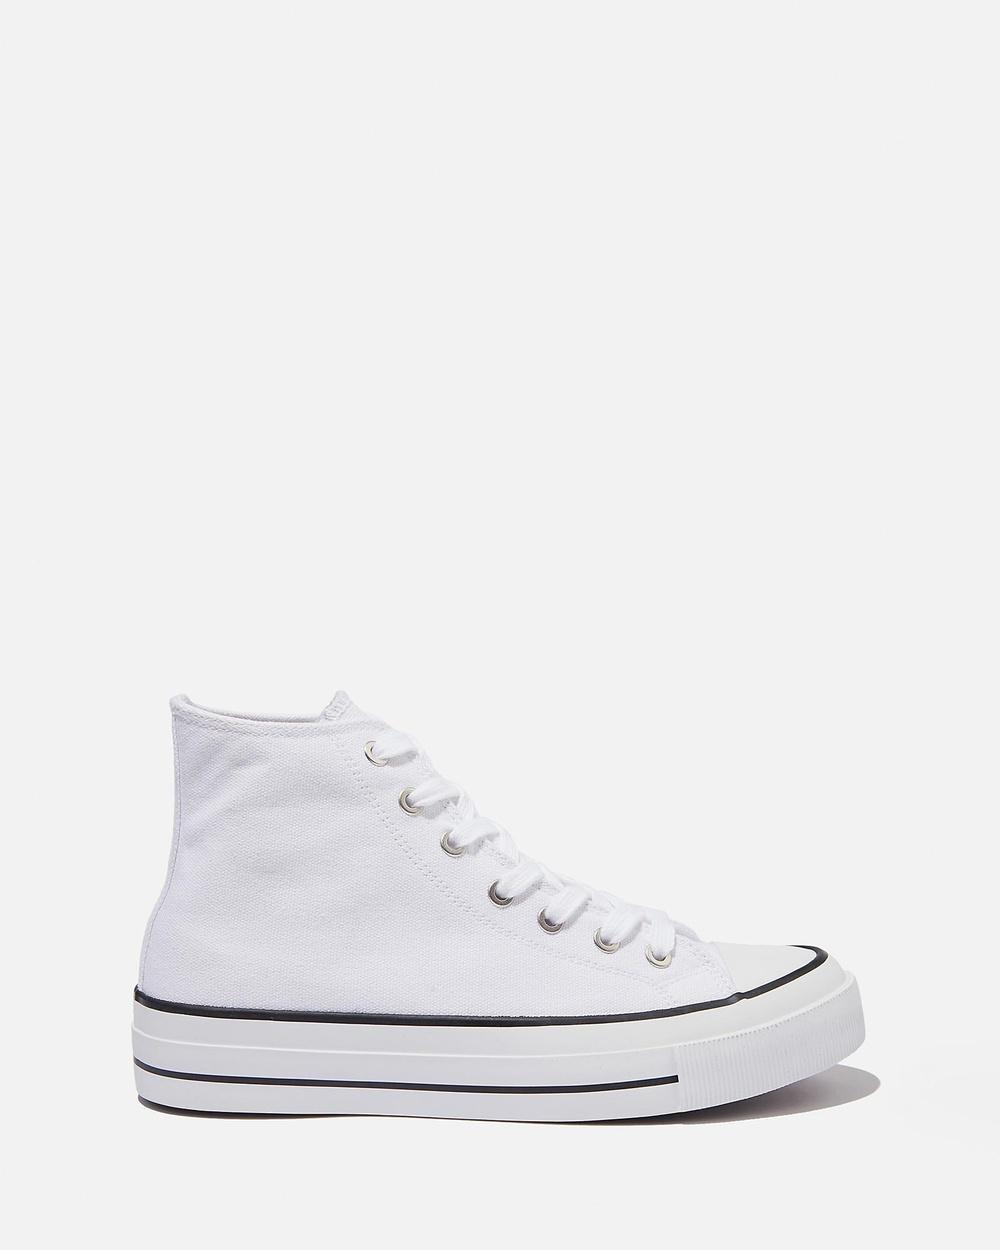 Rubi Britt Retro High Tops Teens Sneakers White